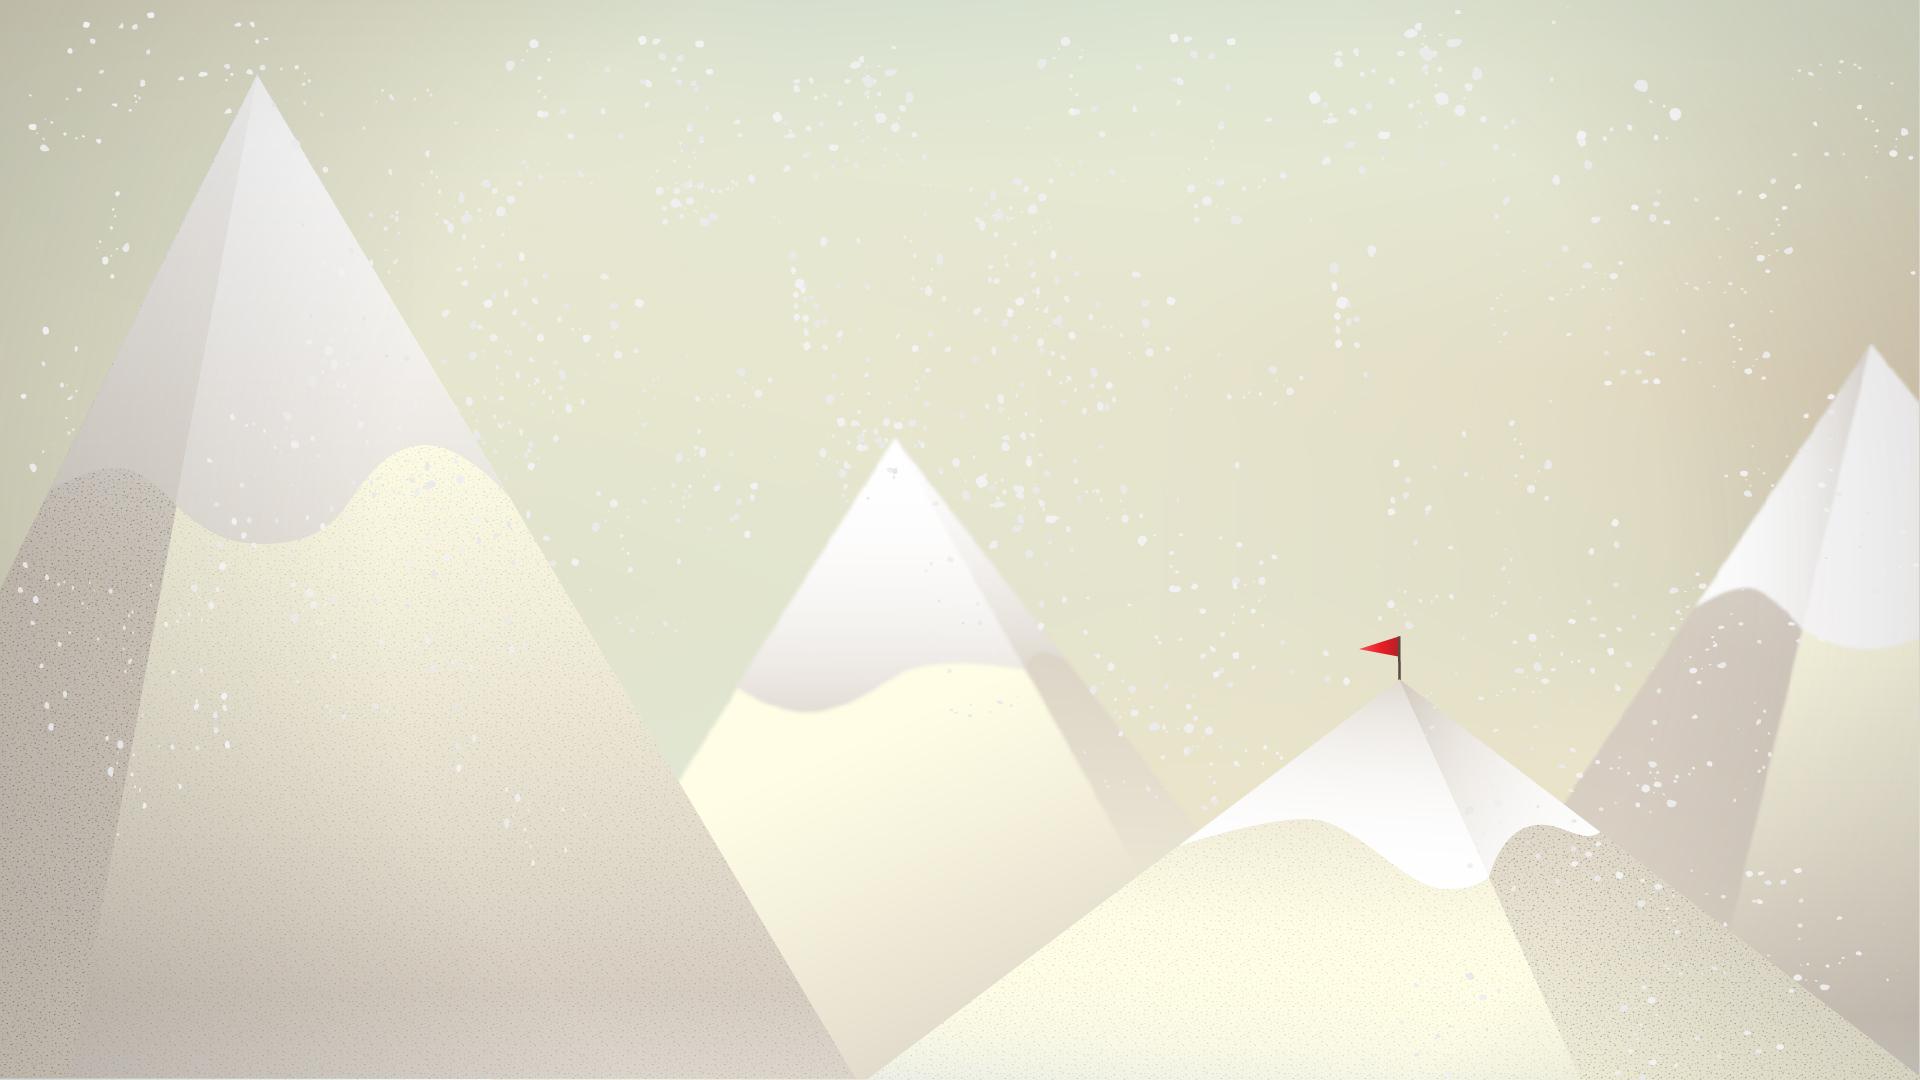 Himalayan-mountains.jpg